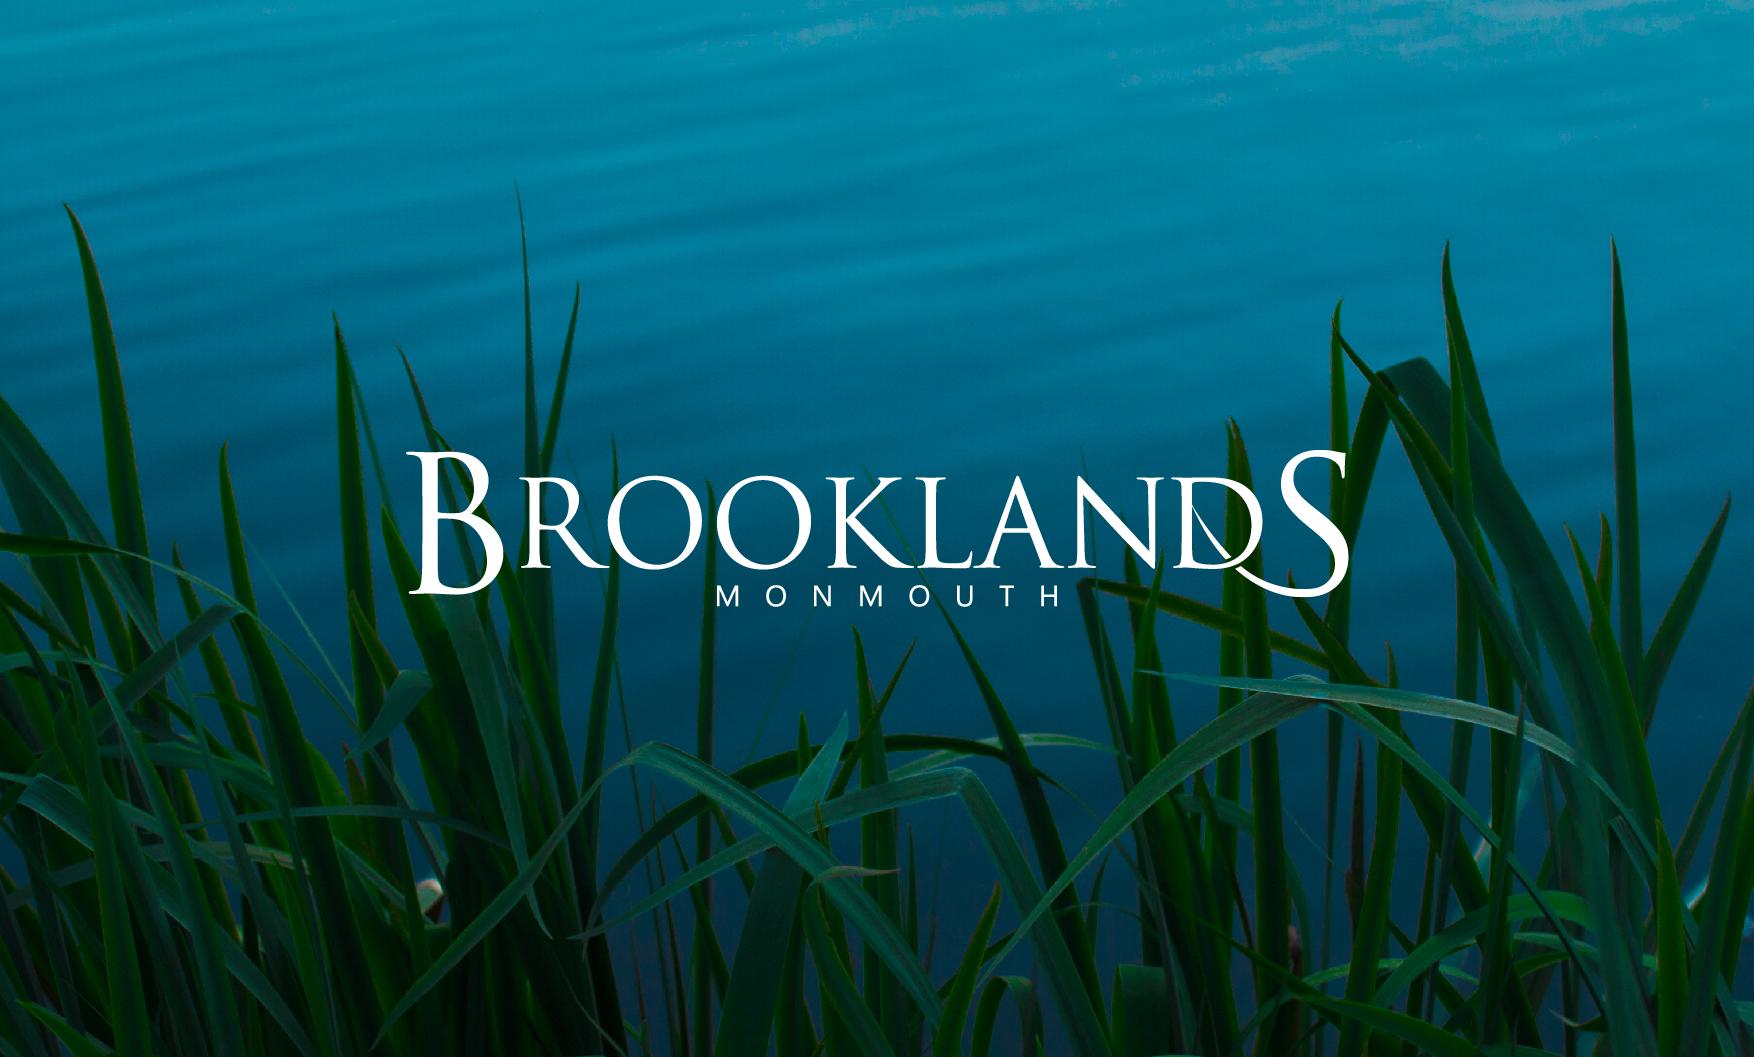 Brooklands Branding